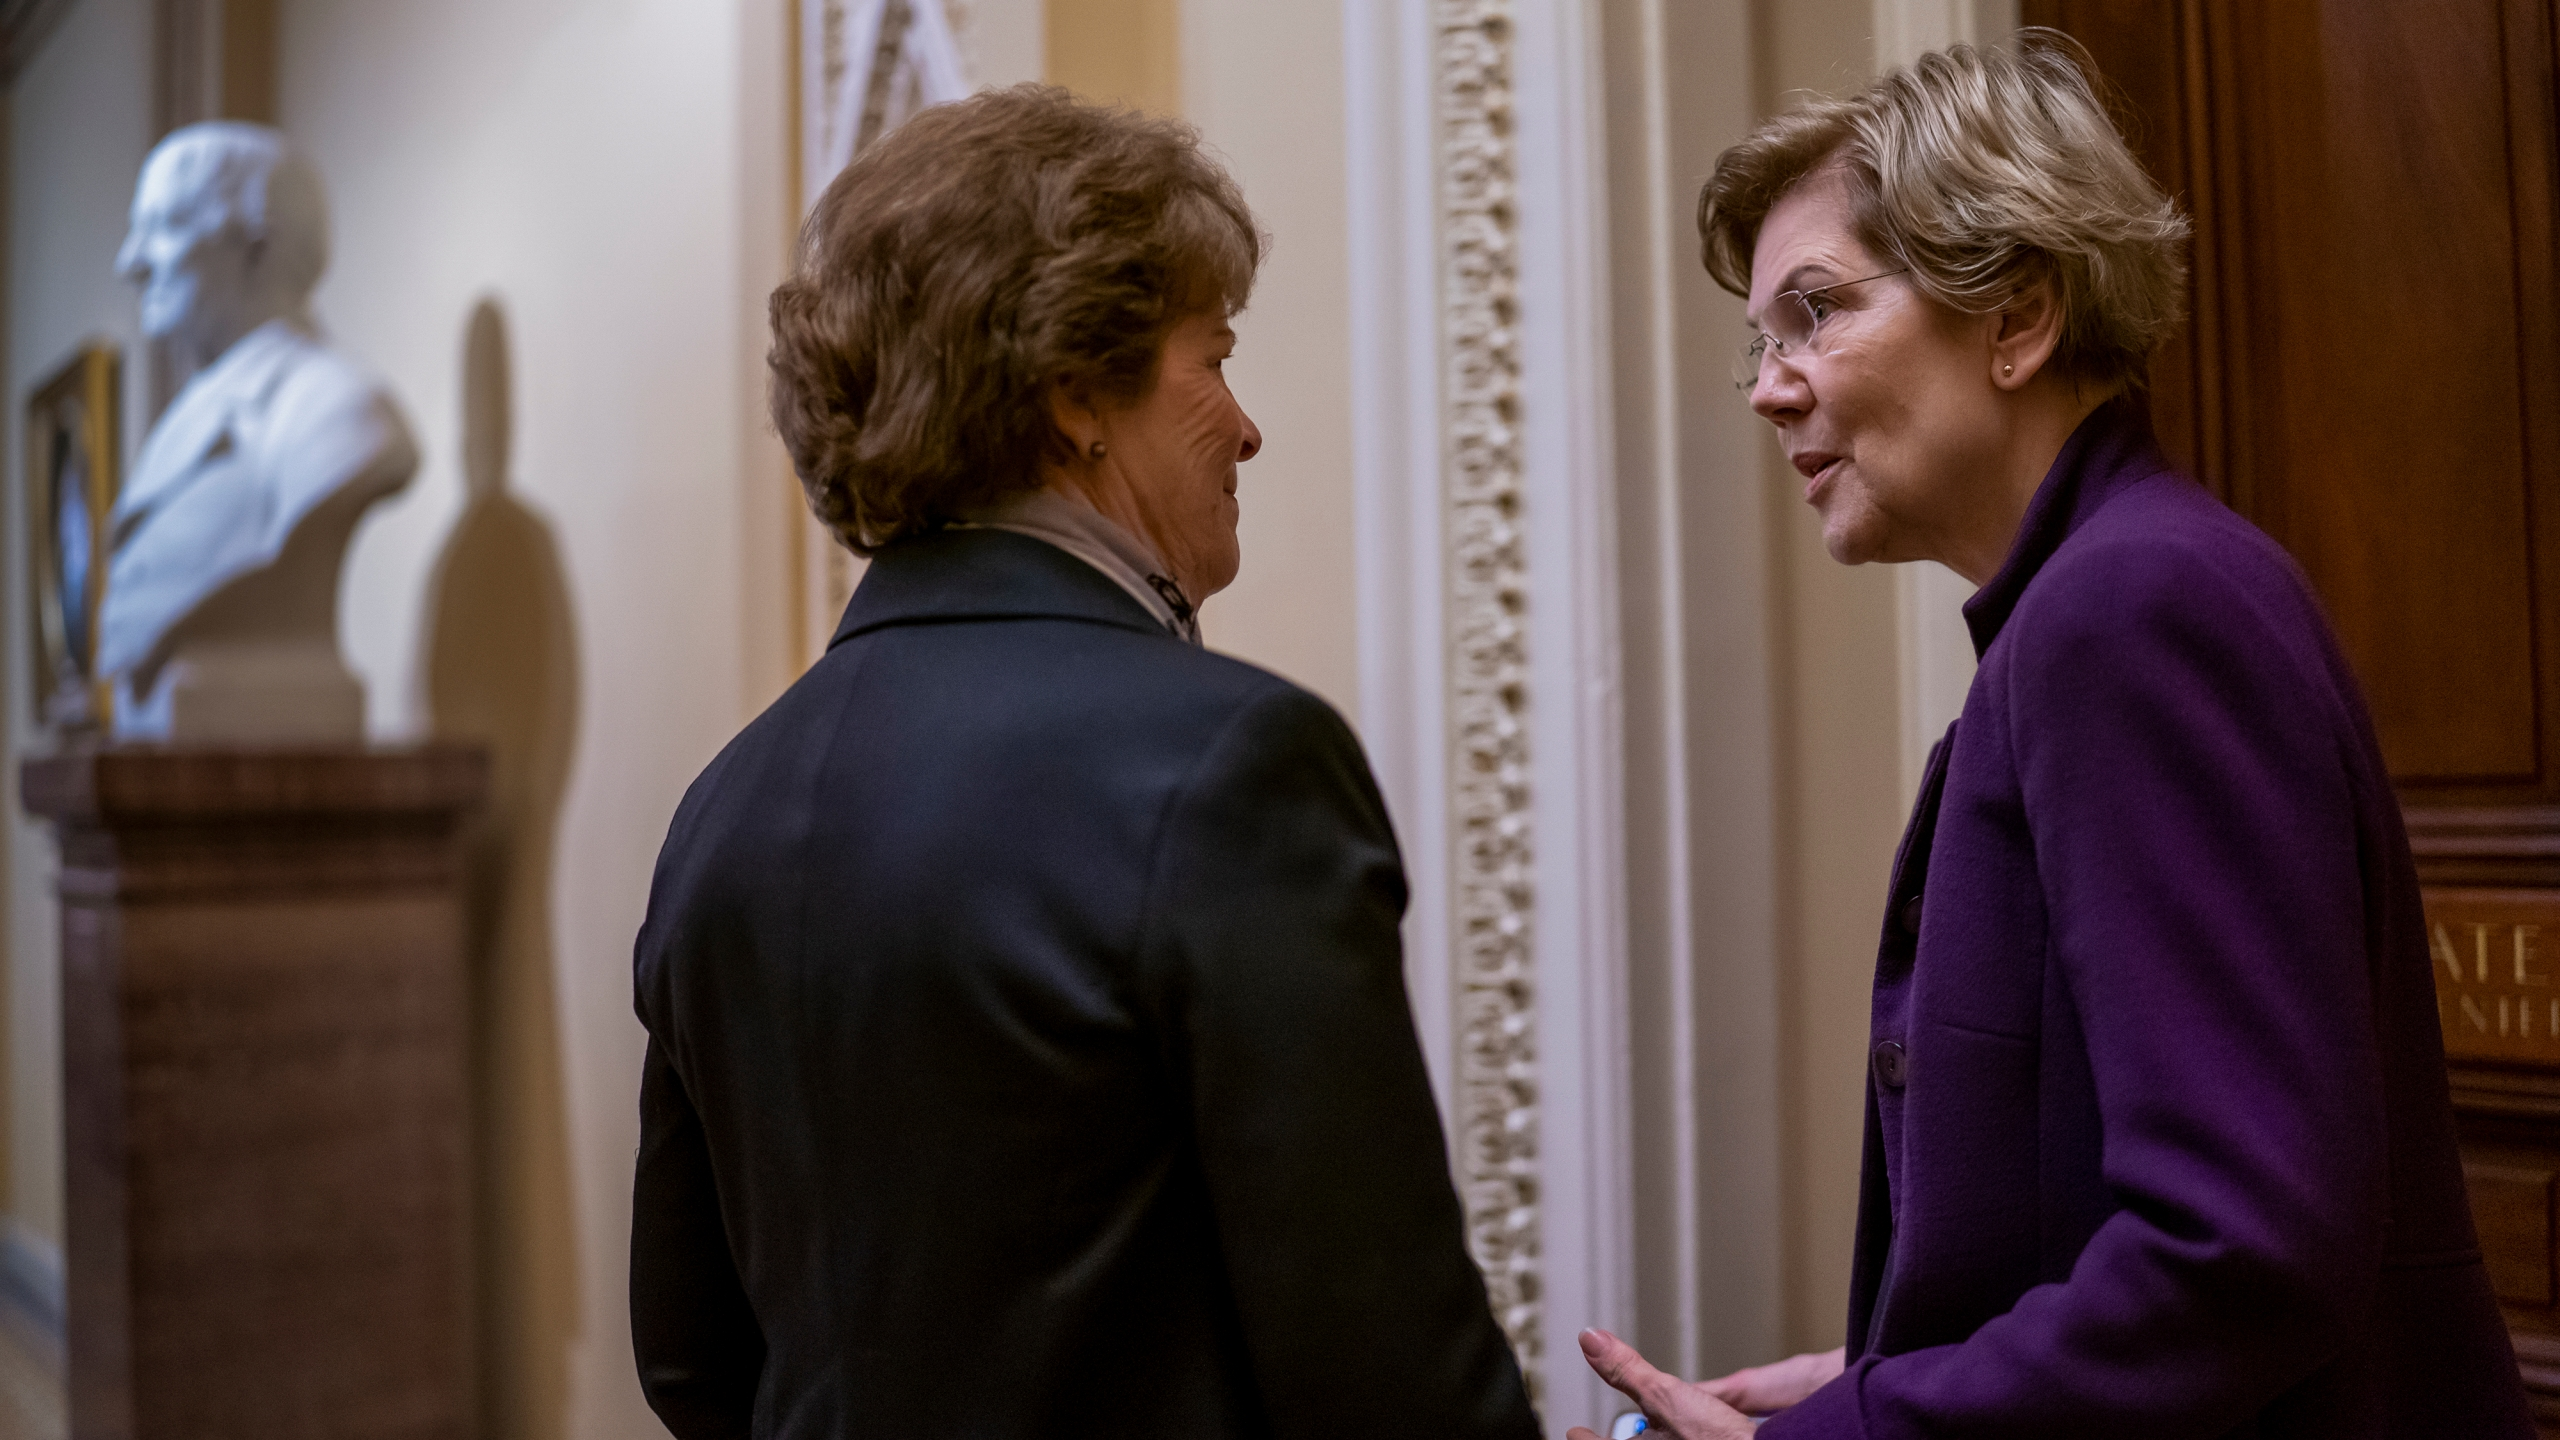 Elizabeth Warren, Jeanne Shaheen